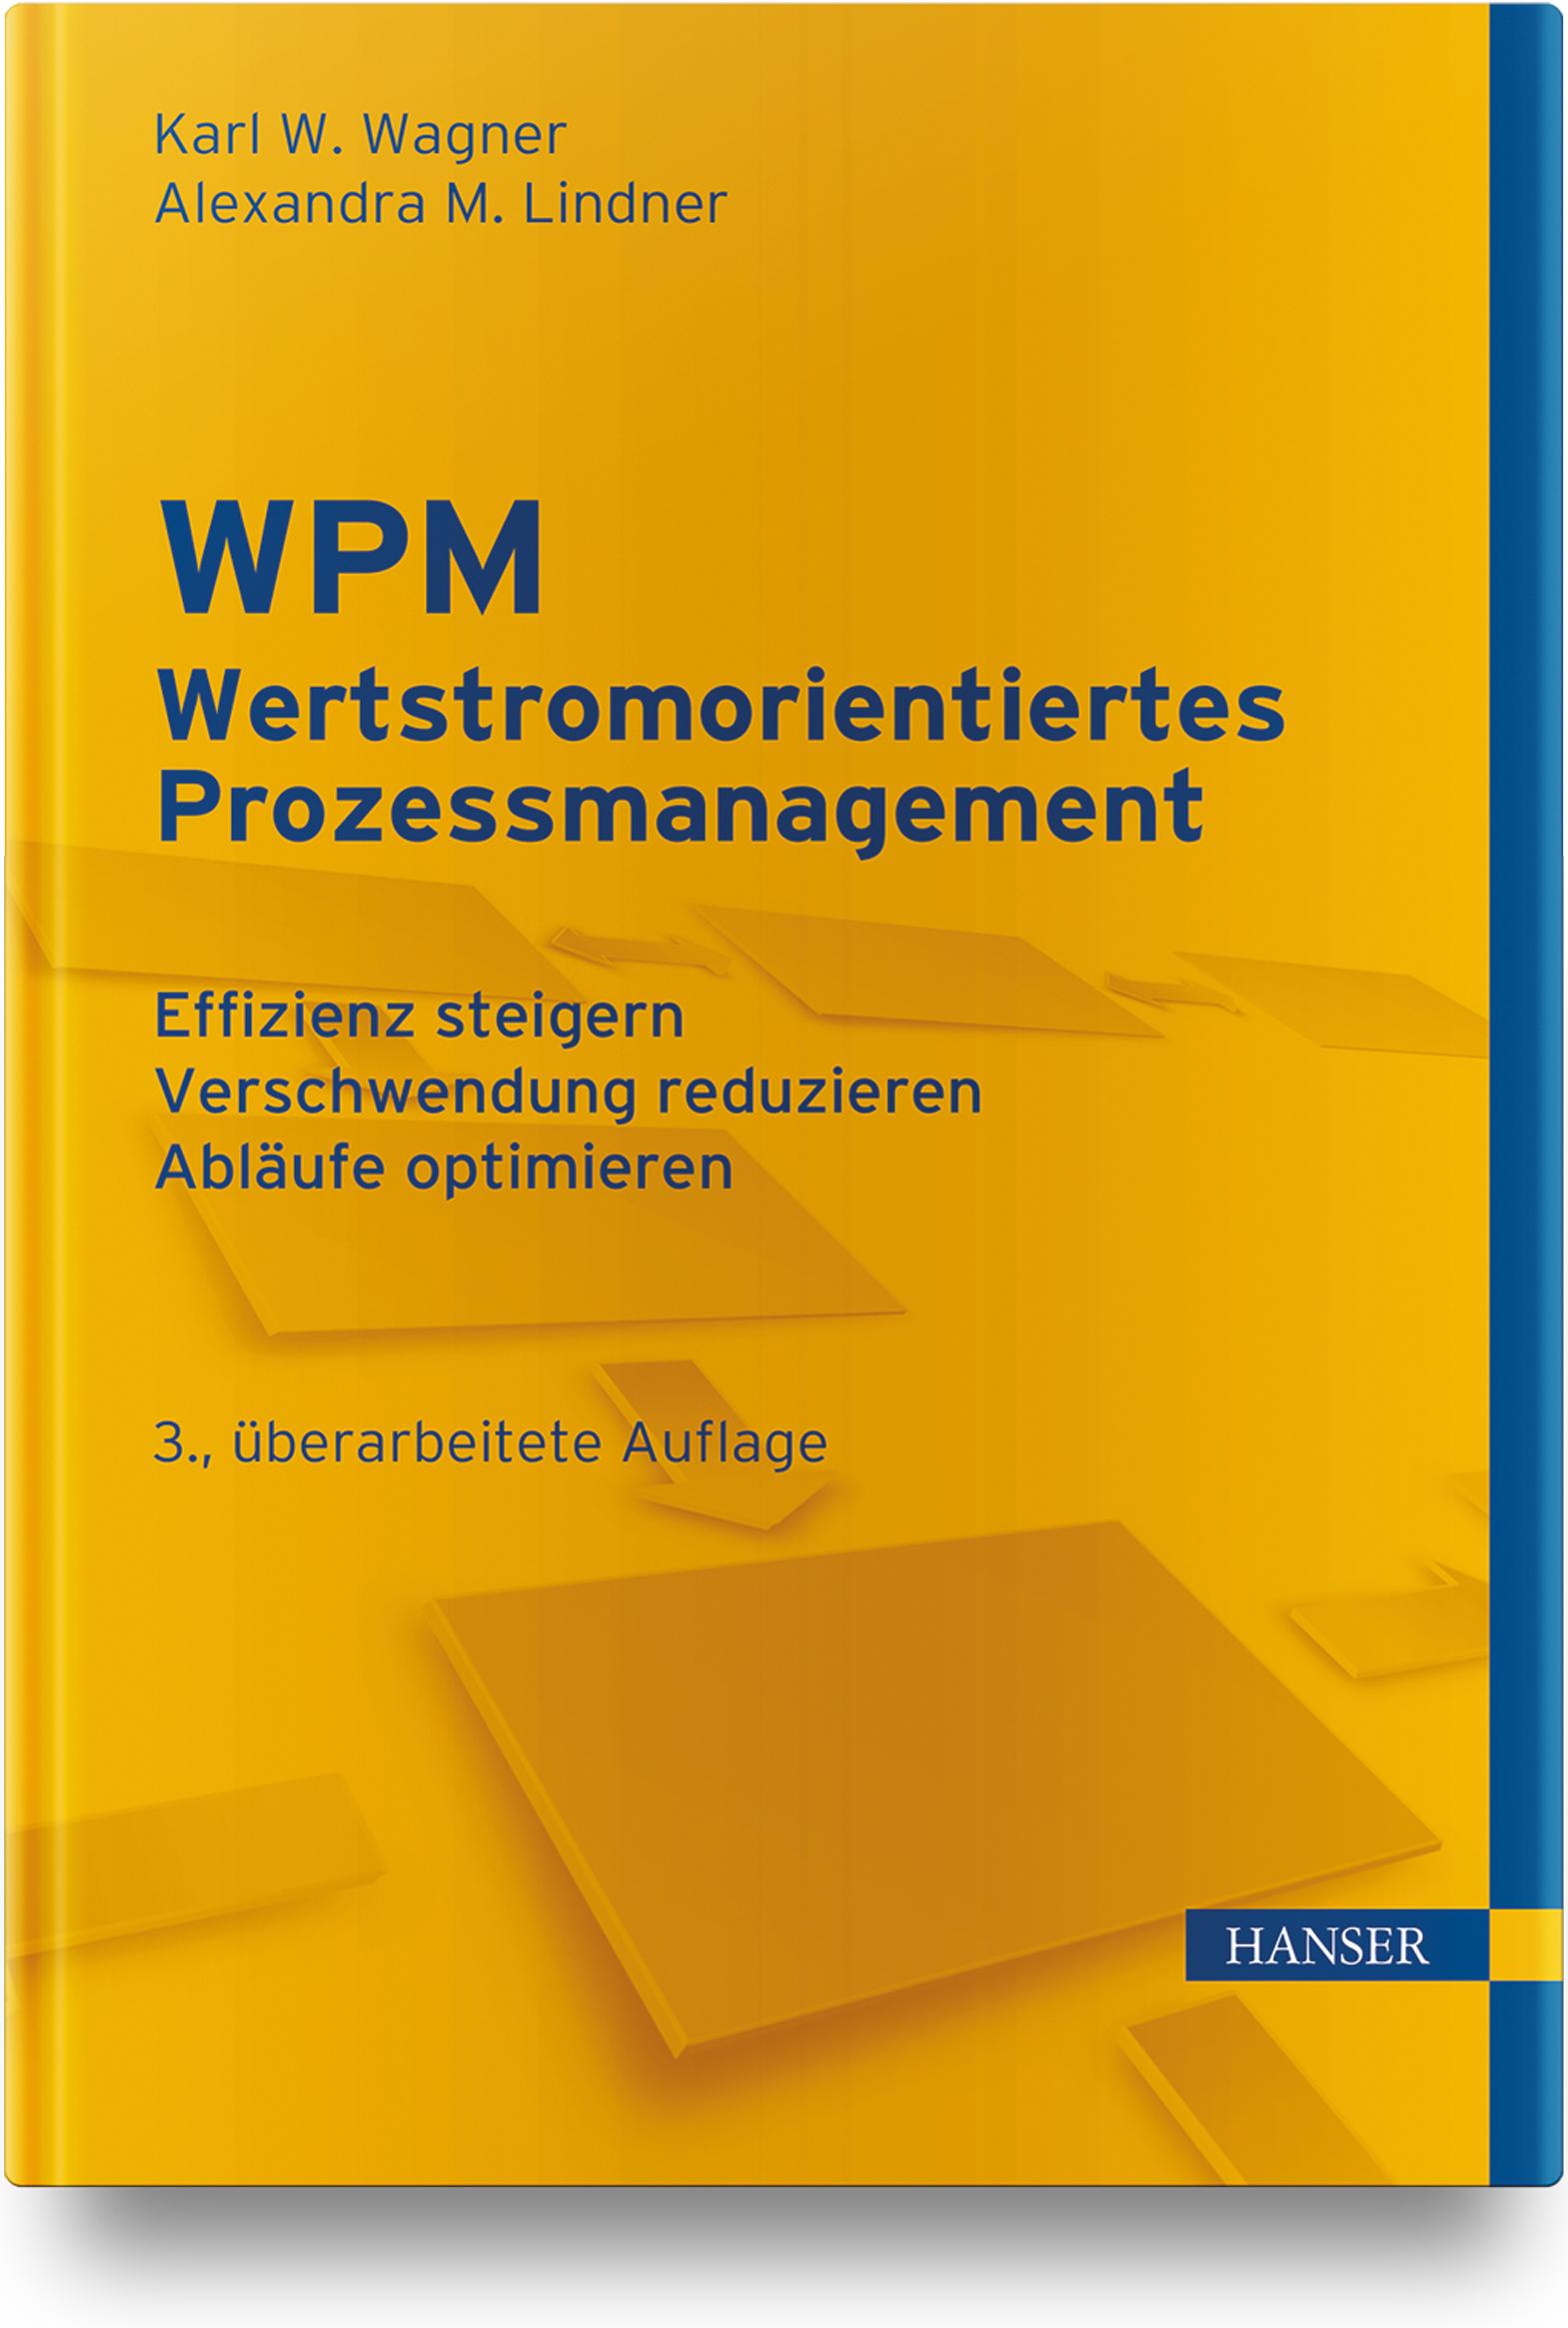 Wagner, Lindner, WPM - Wertstromorientiertes Prozessmanagement, 978-3-446-46520-6